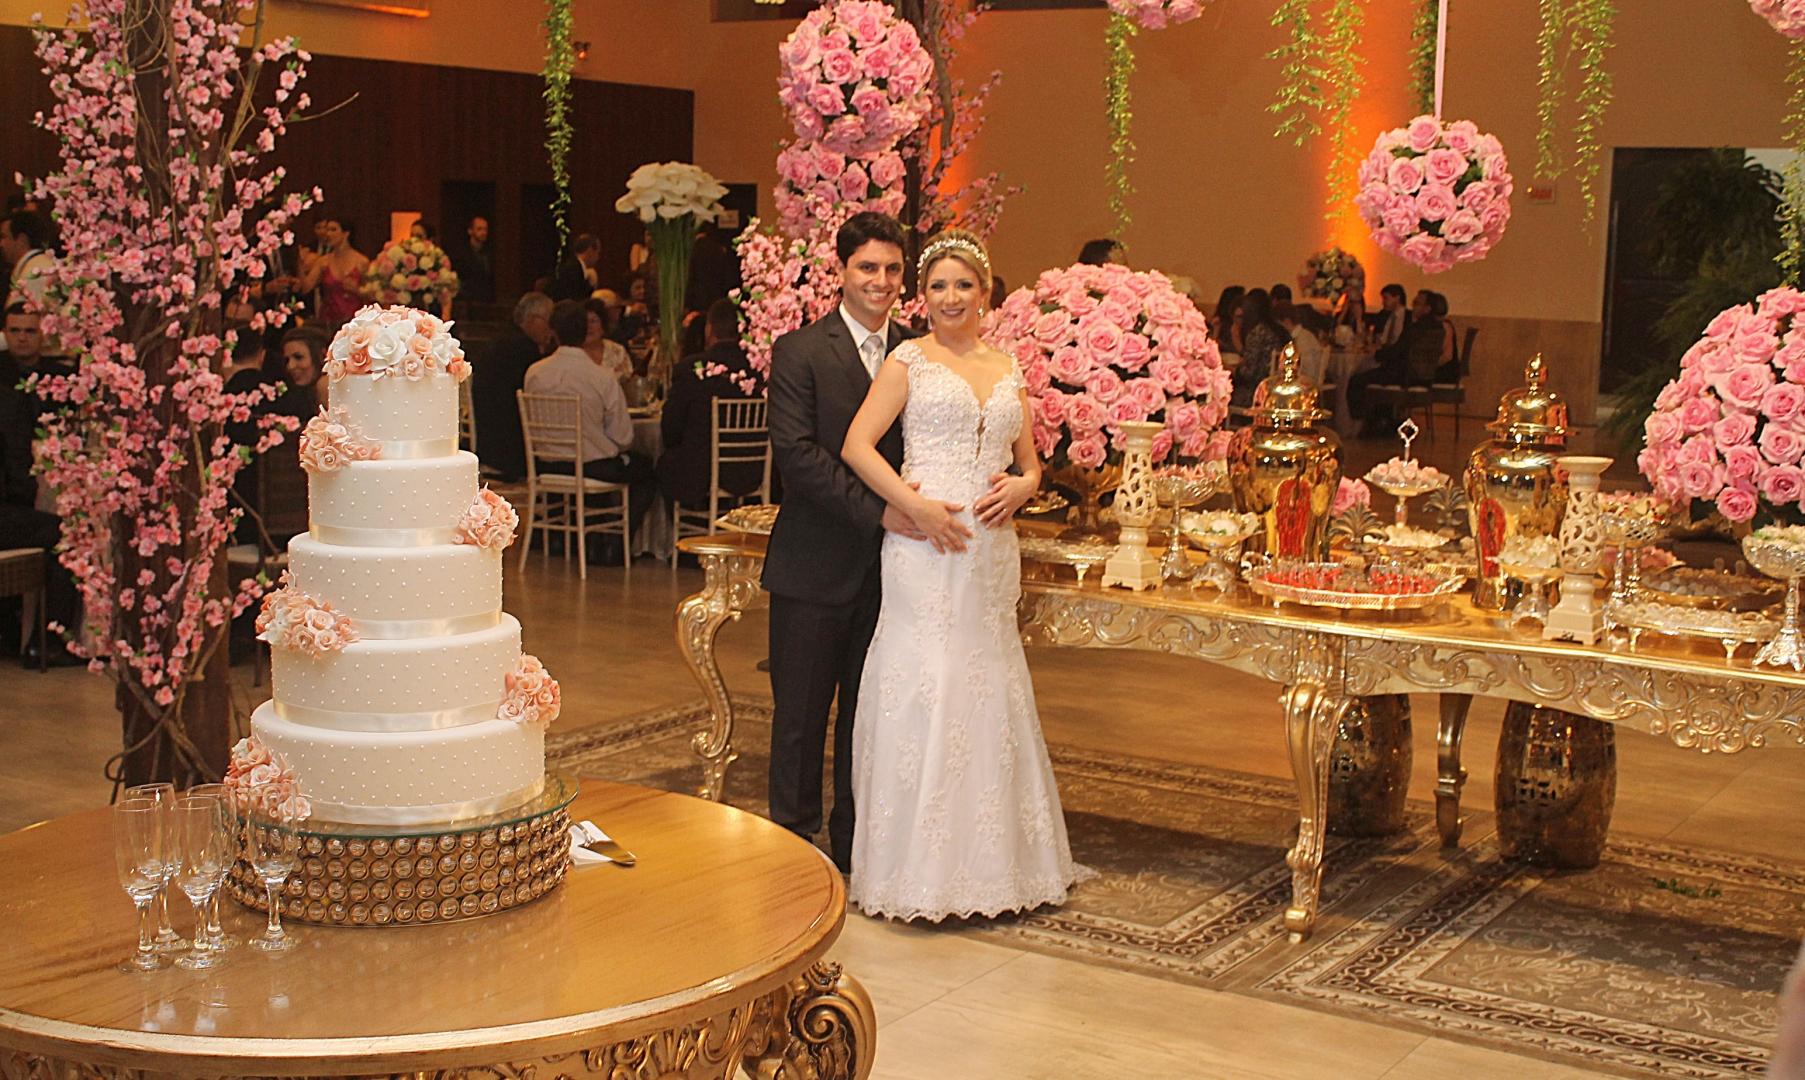 Sintonia e emoção marcam a cerimônia de casamento em Criciúma (Festa)